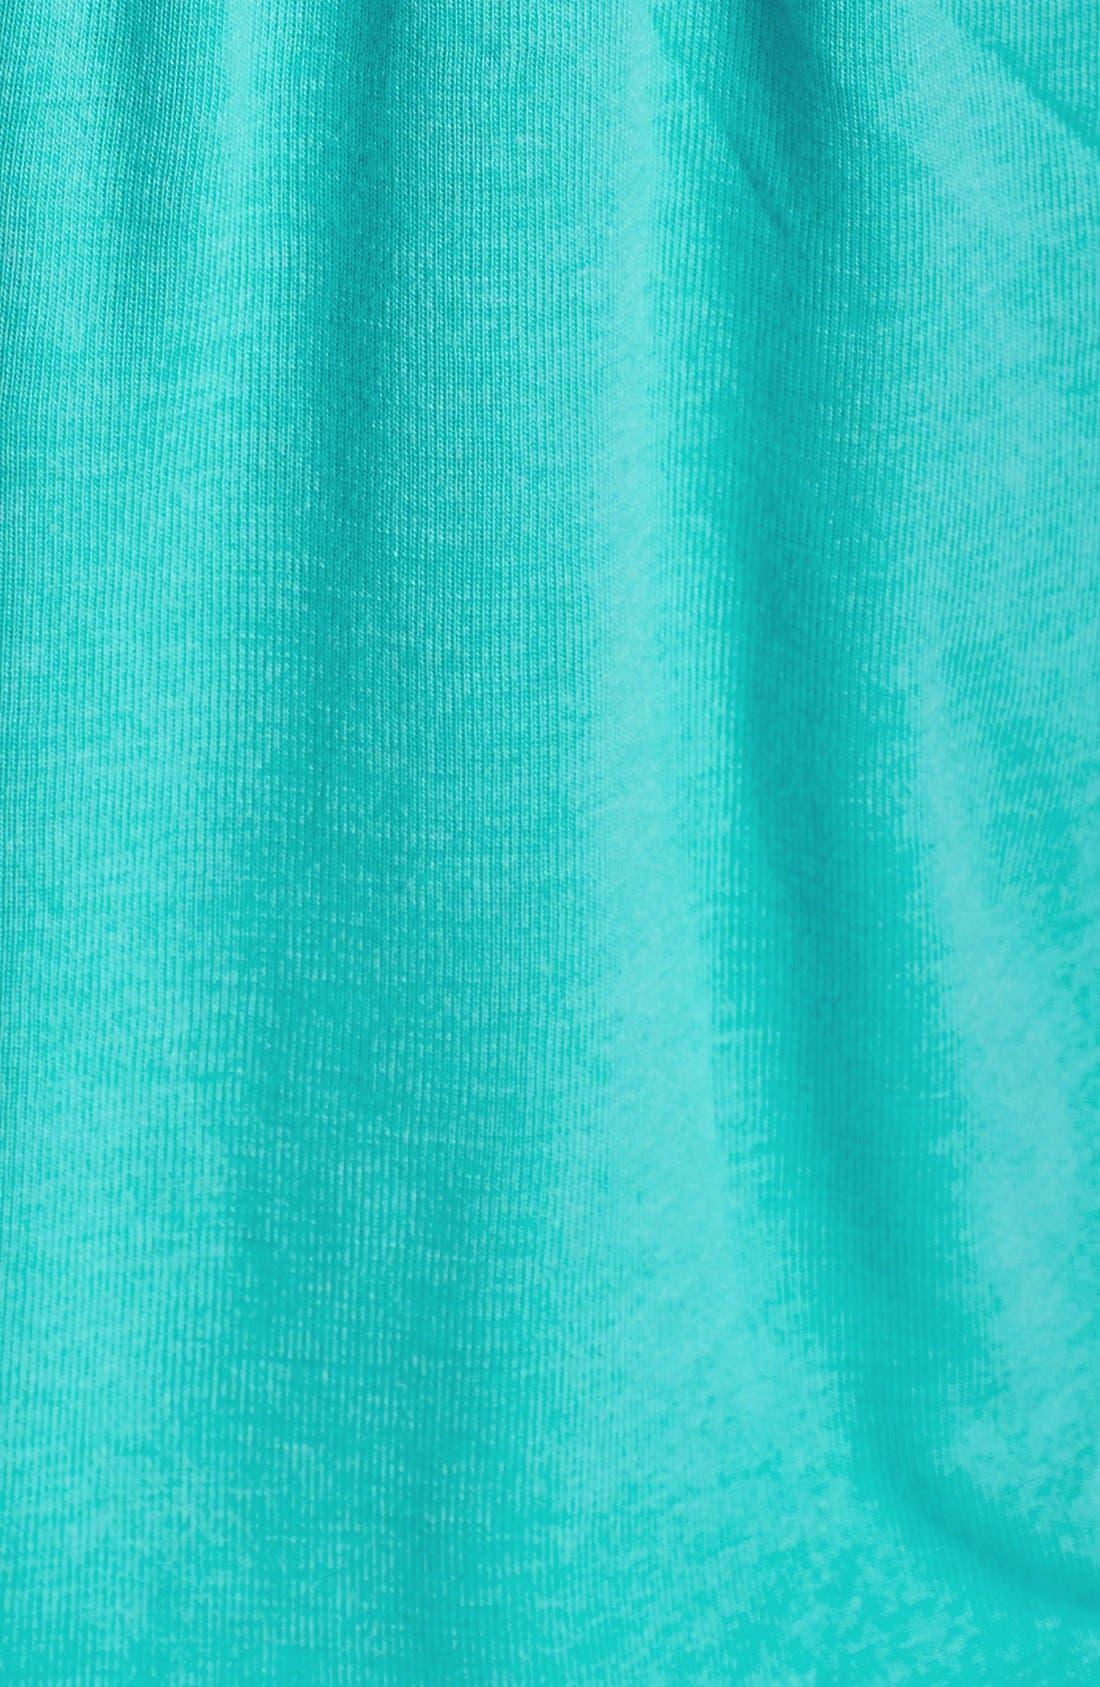 Alternate Image 3  - Wildfox 'Sleepover' Camisole & Shorts Pajama Set